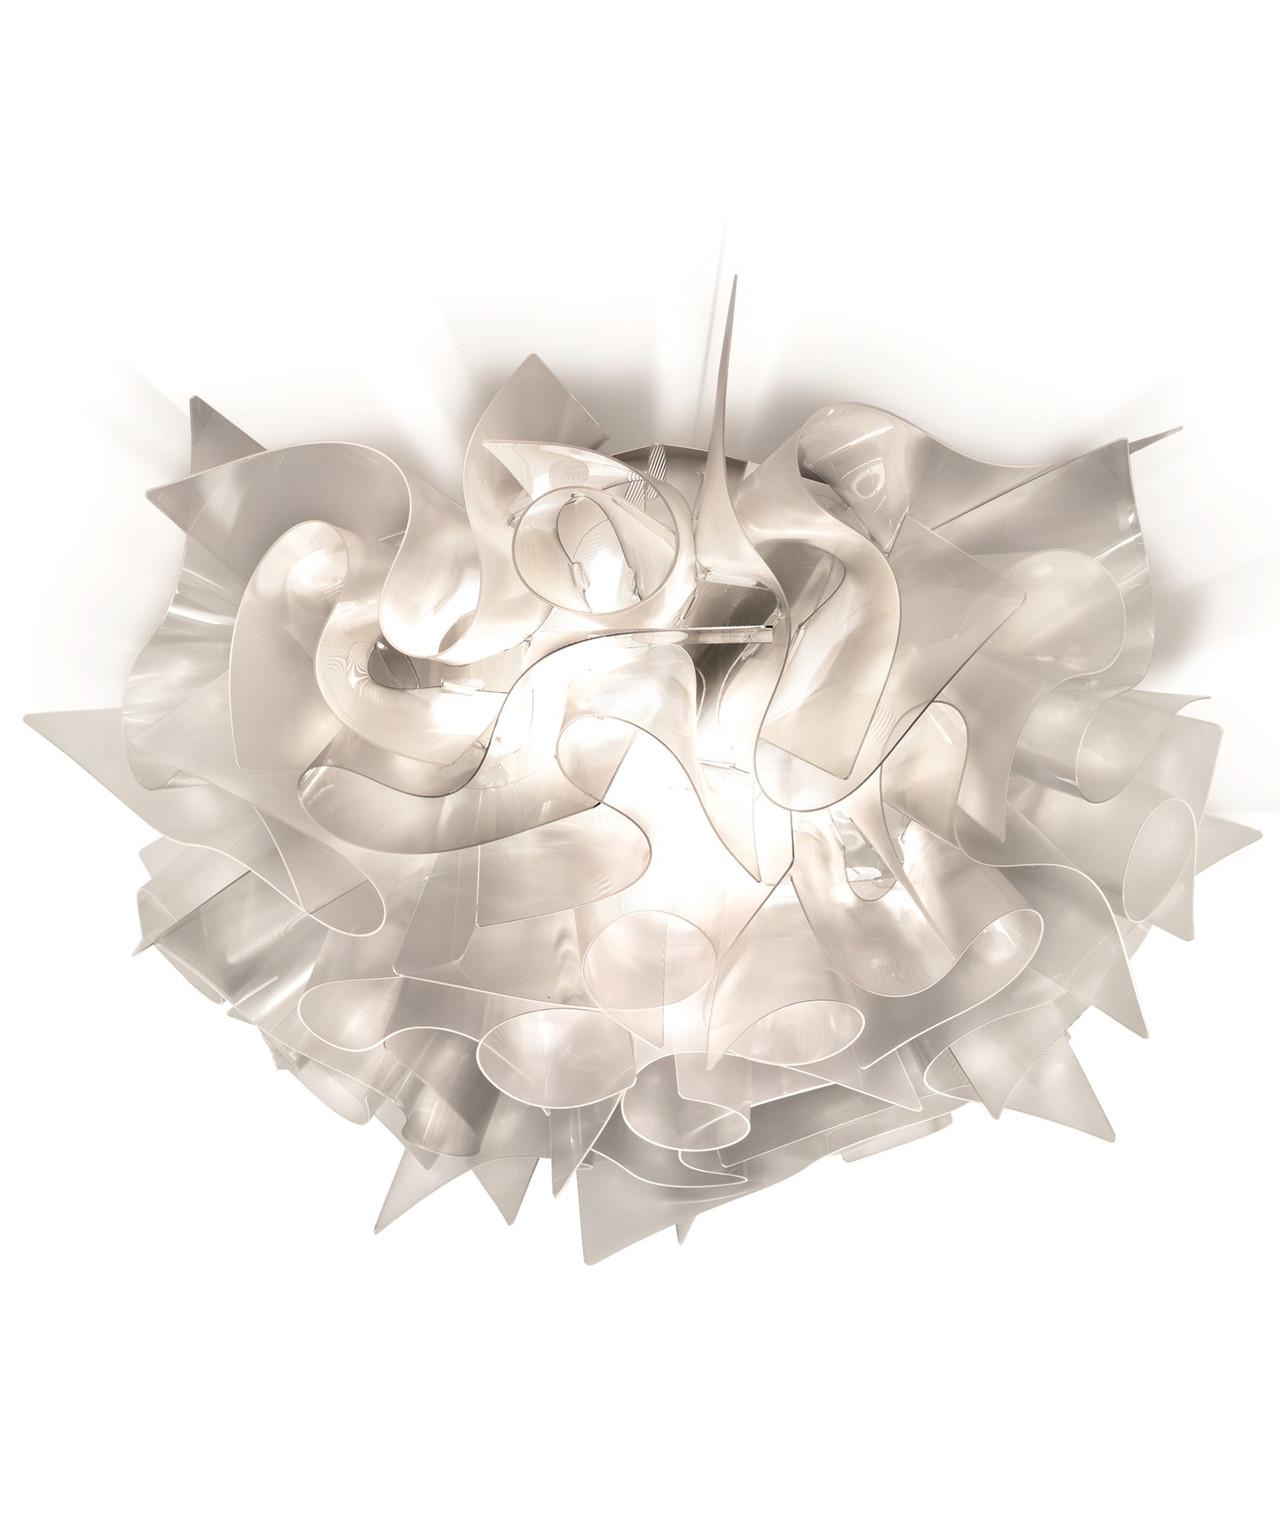 Veli Loftlampe M Prisme - SLAMP